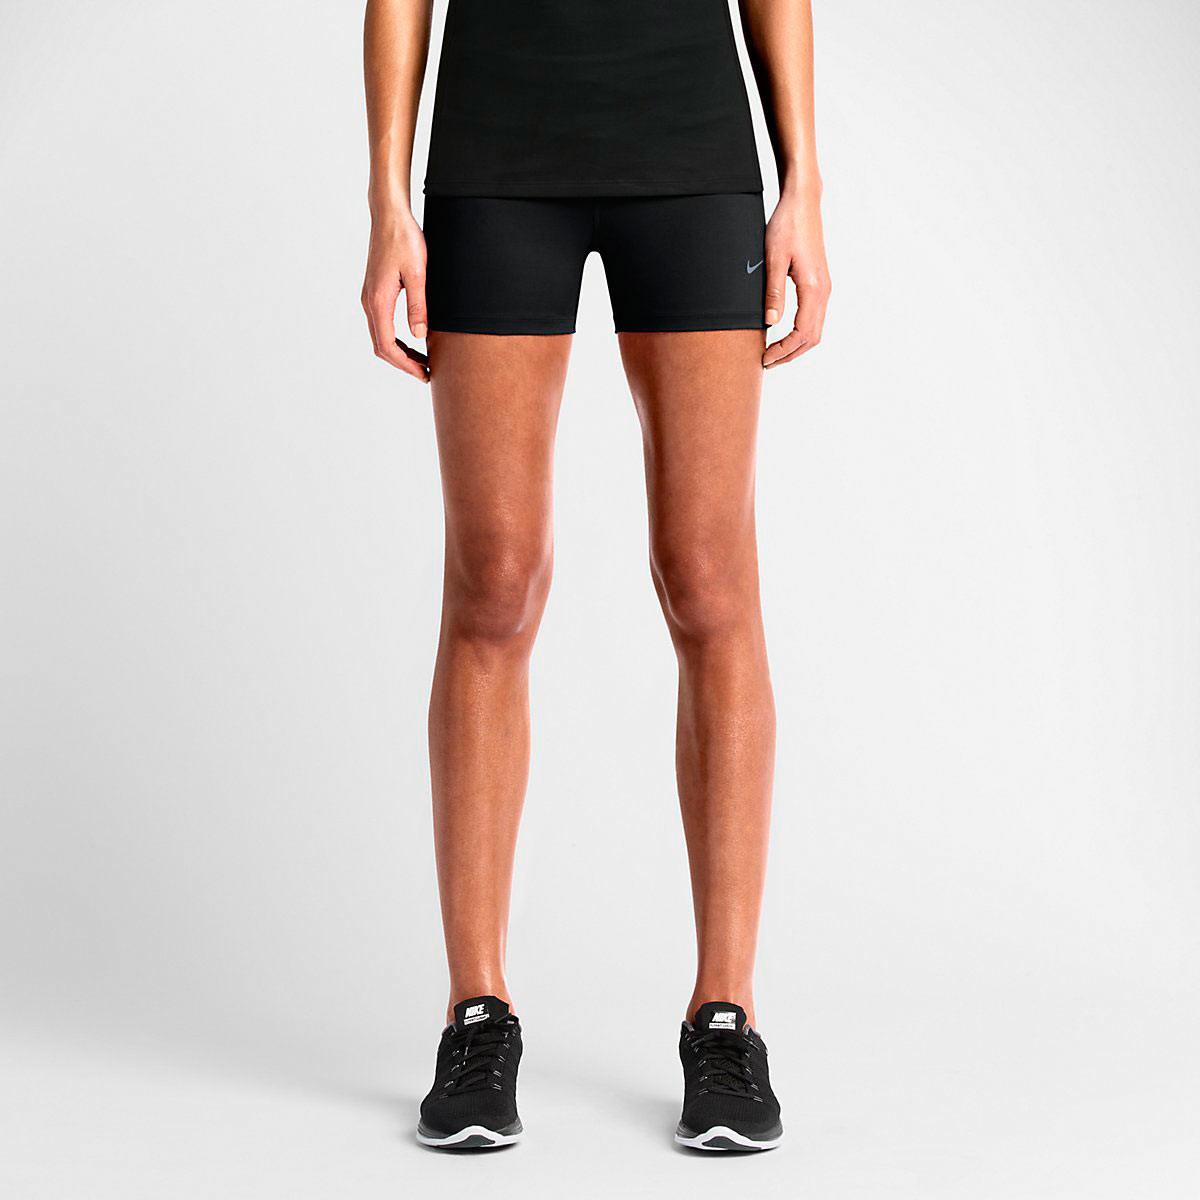 Course Run Boy Pour 2 Pantalons Nike 5 Epic Noir Femme Short I0qxIw4t